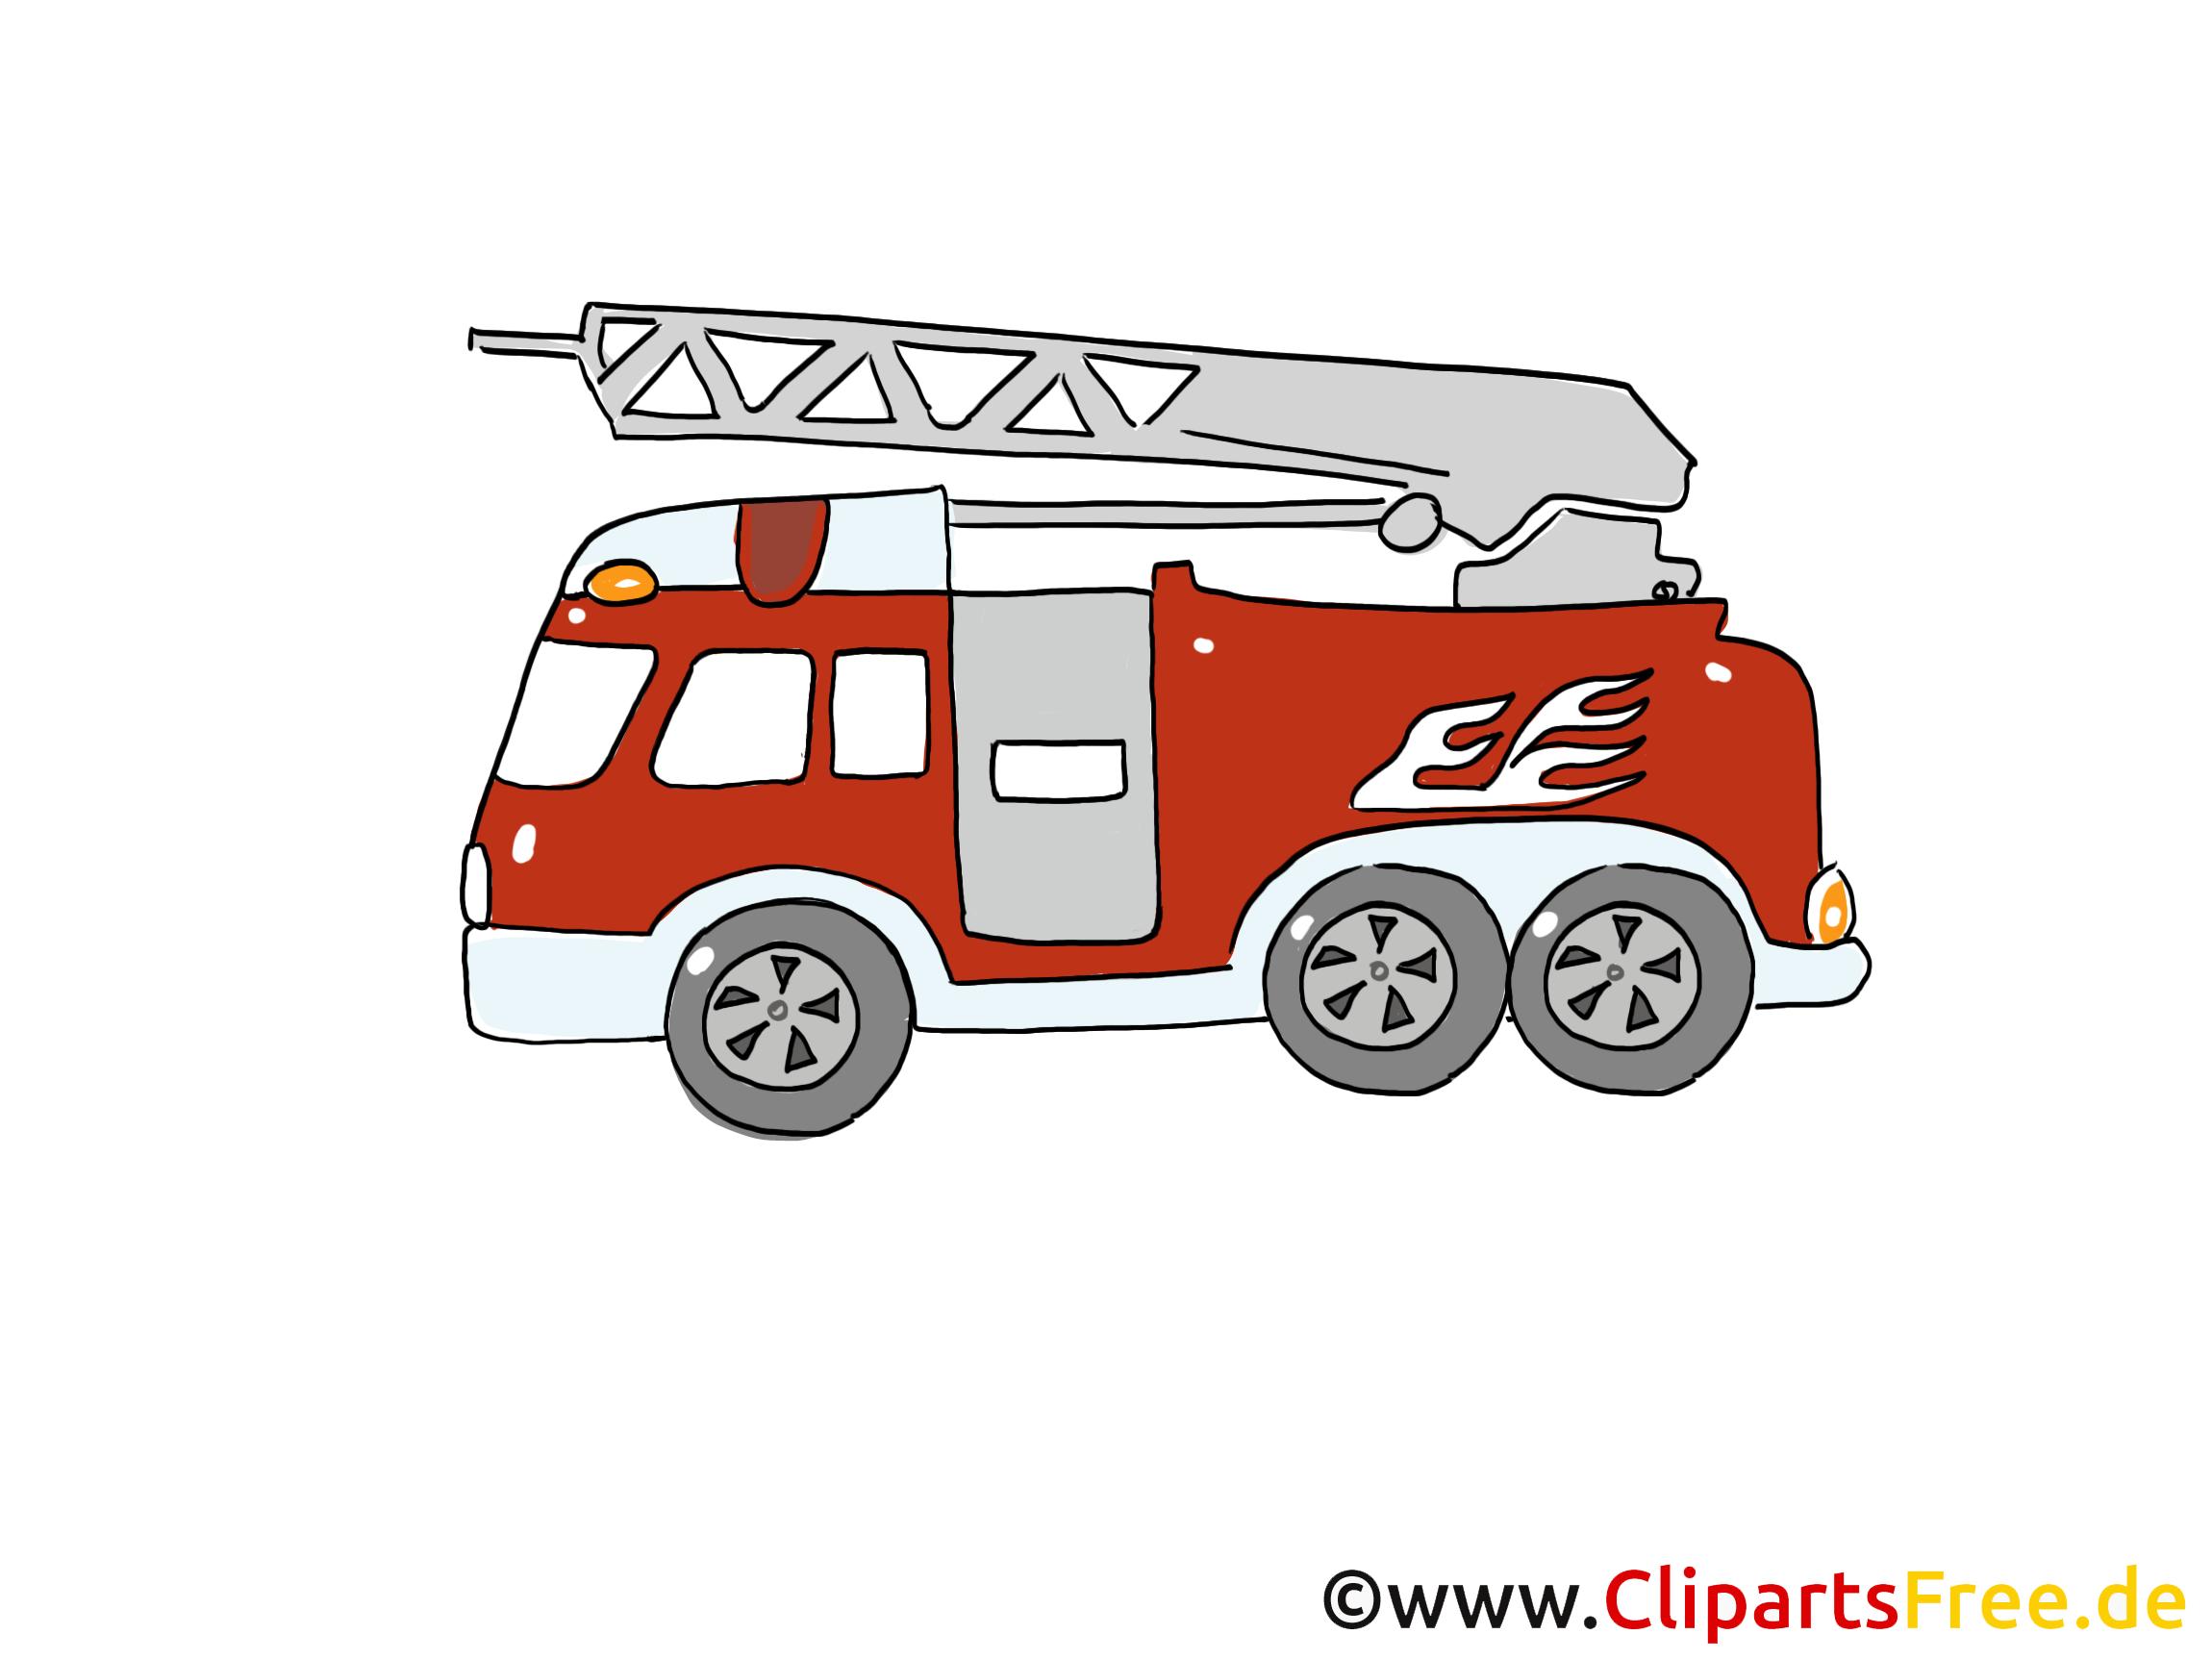 Feuerwehrauto Einsatzfahrzeug Bild, Cartoon, Clipart bei Clipart Feuerwehrauto